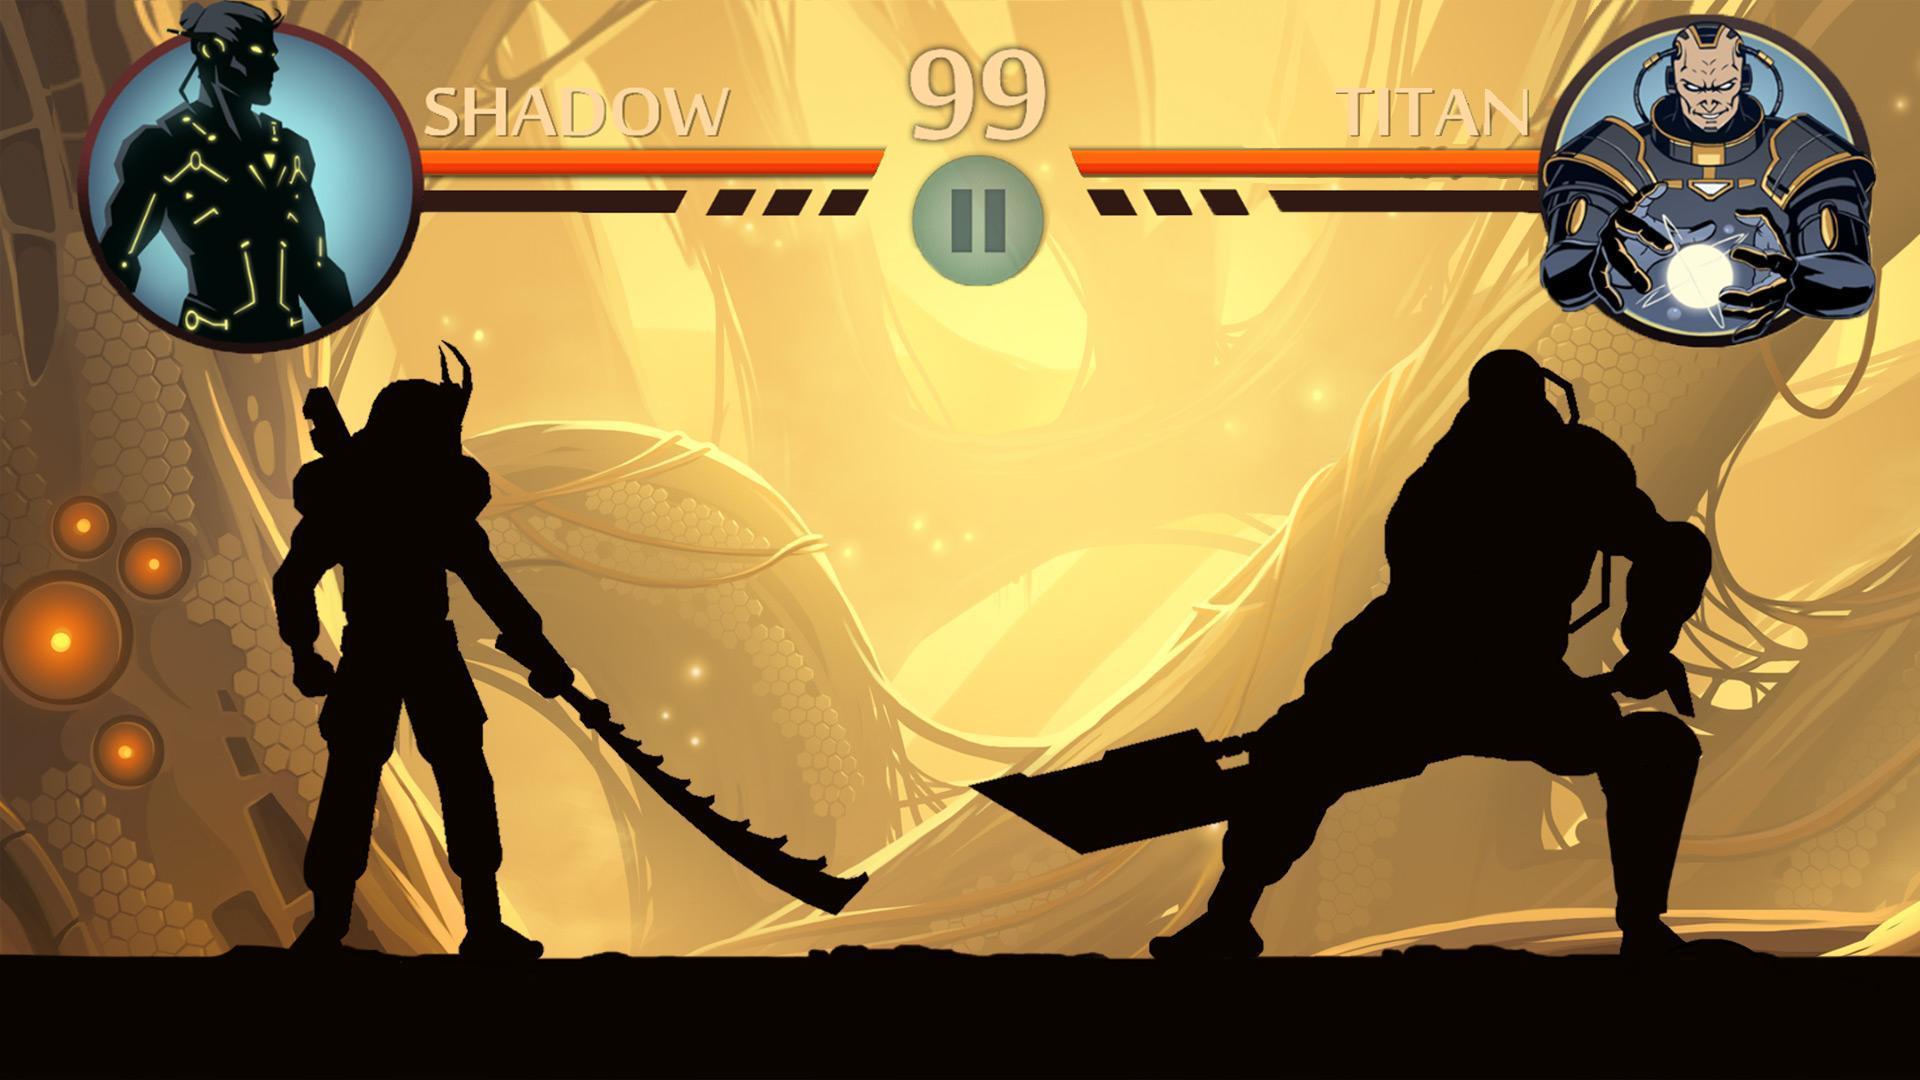 تحميل shadow fight 2 مهكرة جميع الأسلحة مفتوحة 2021